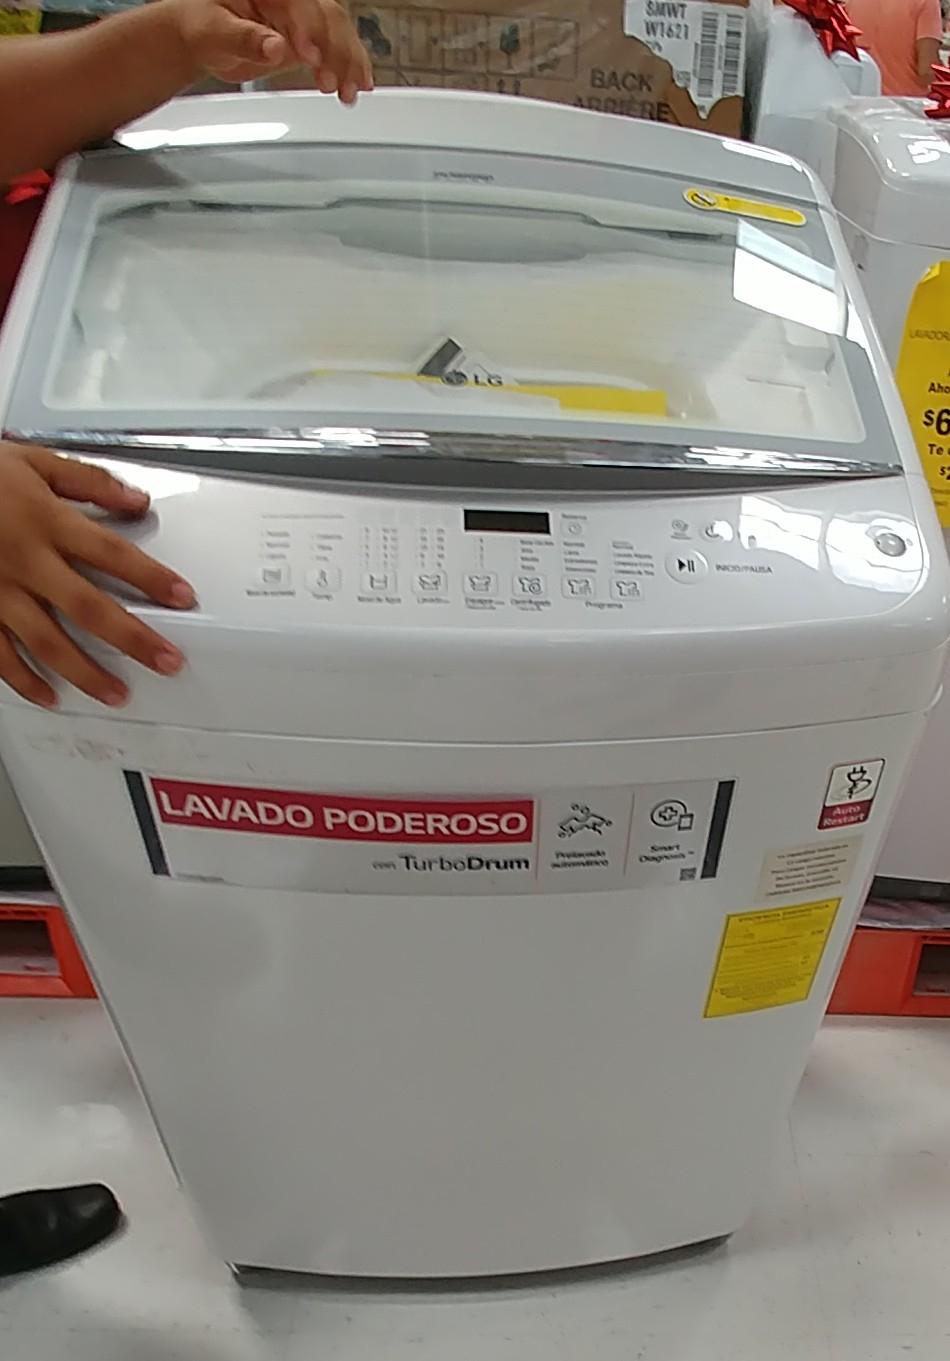 MEGA Soriana : Lavadora LG 18kg